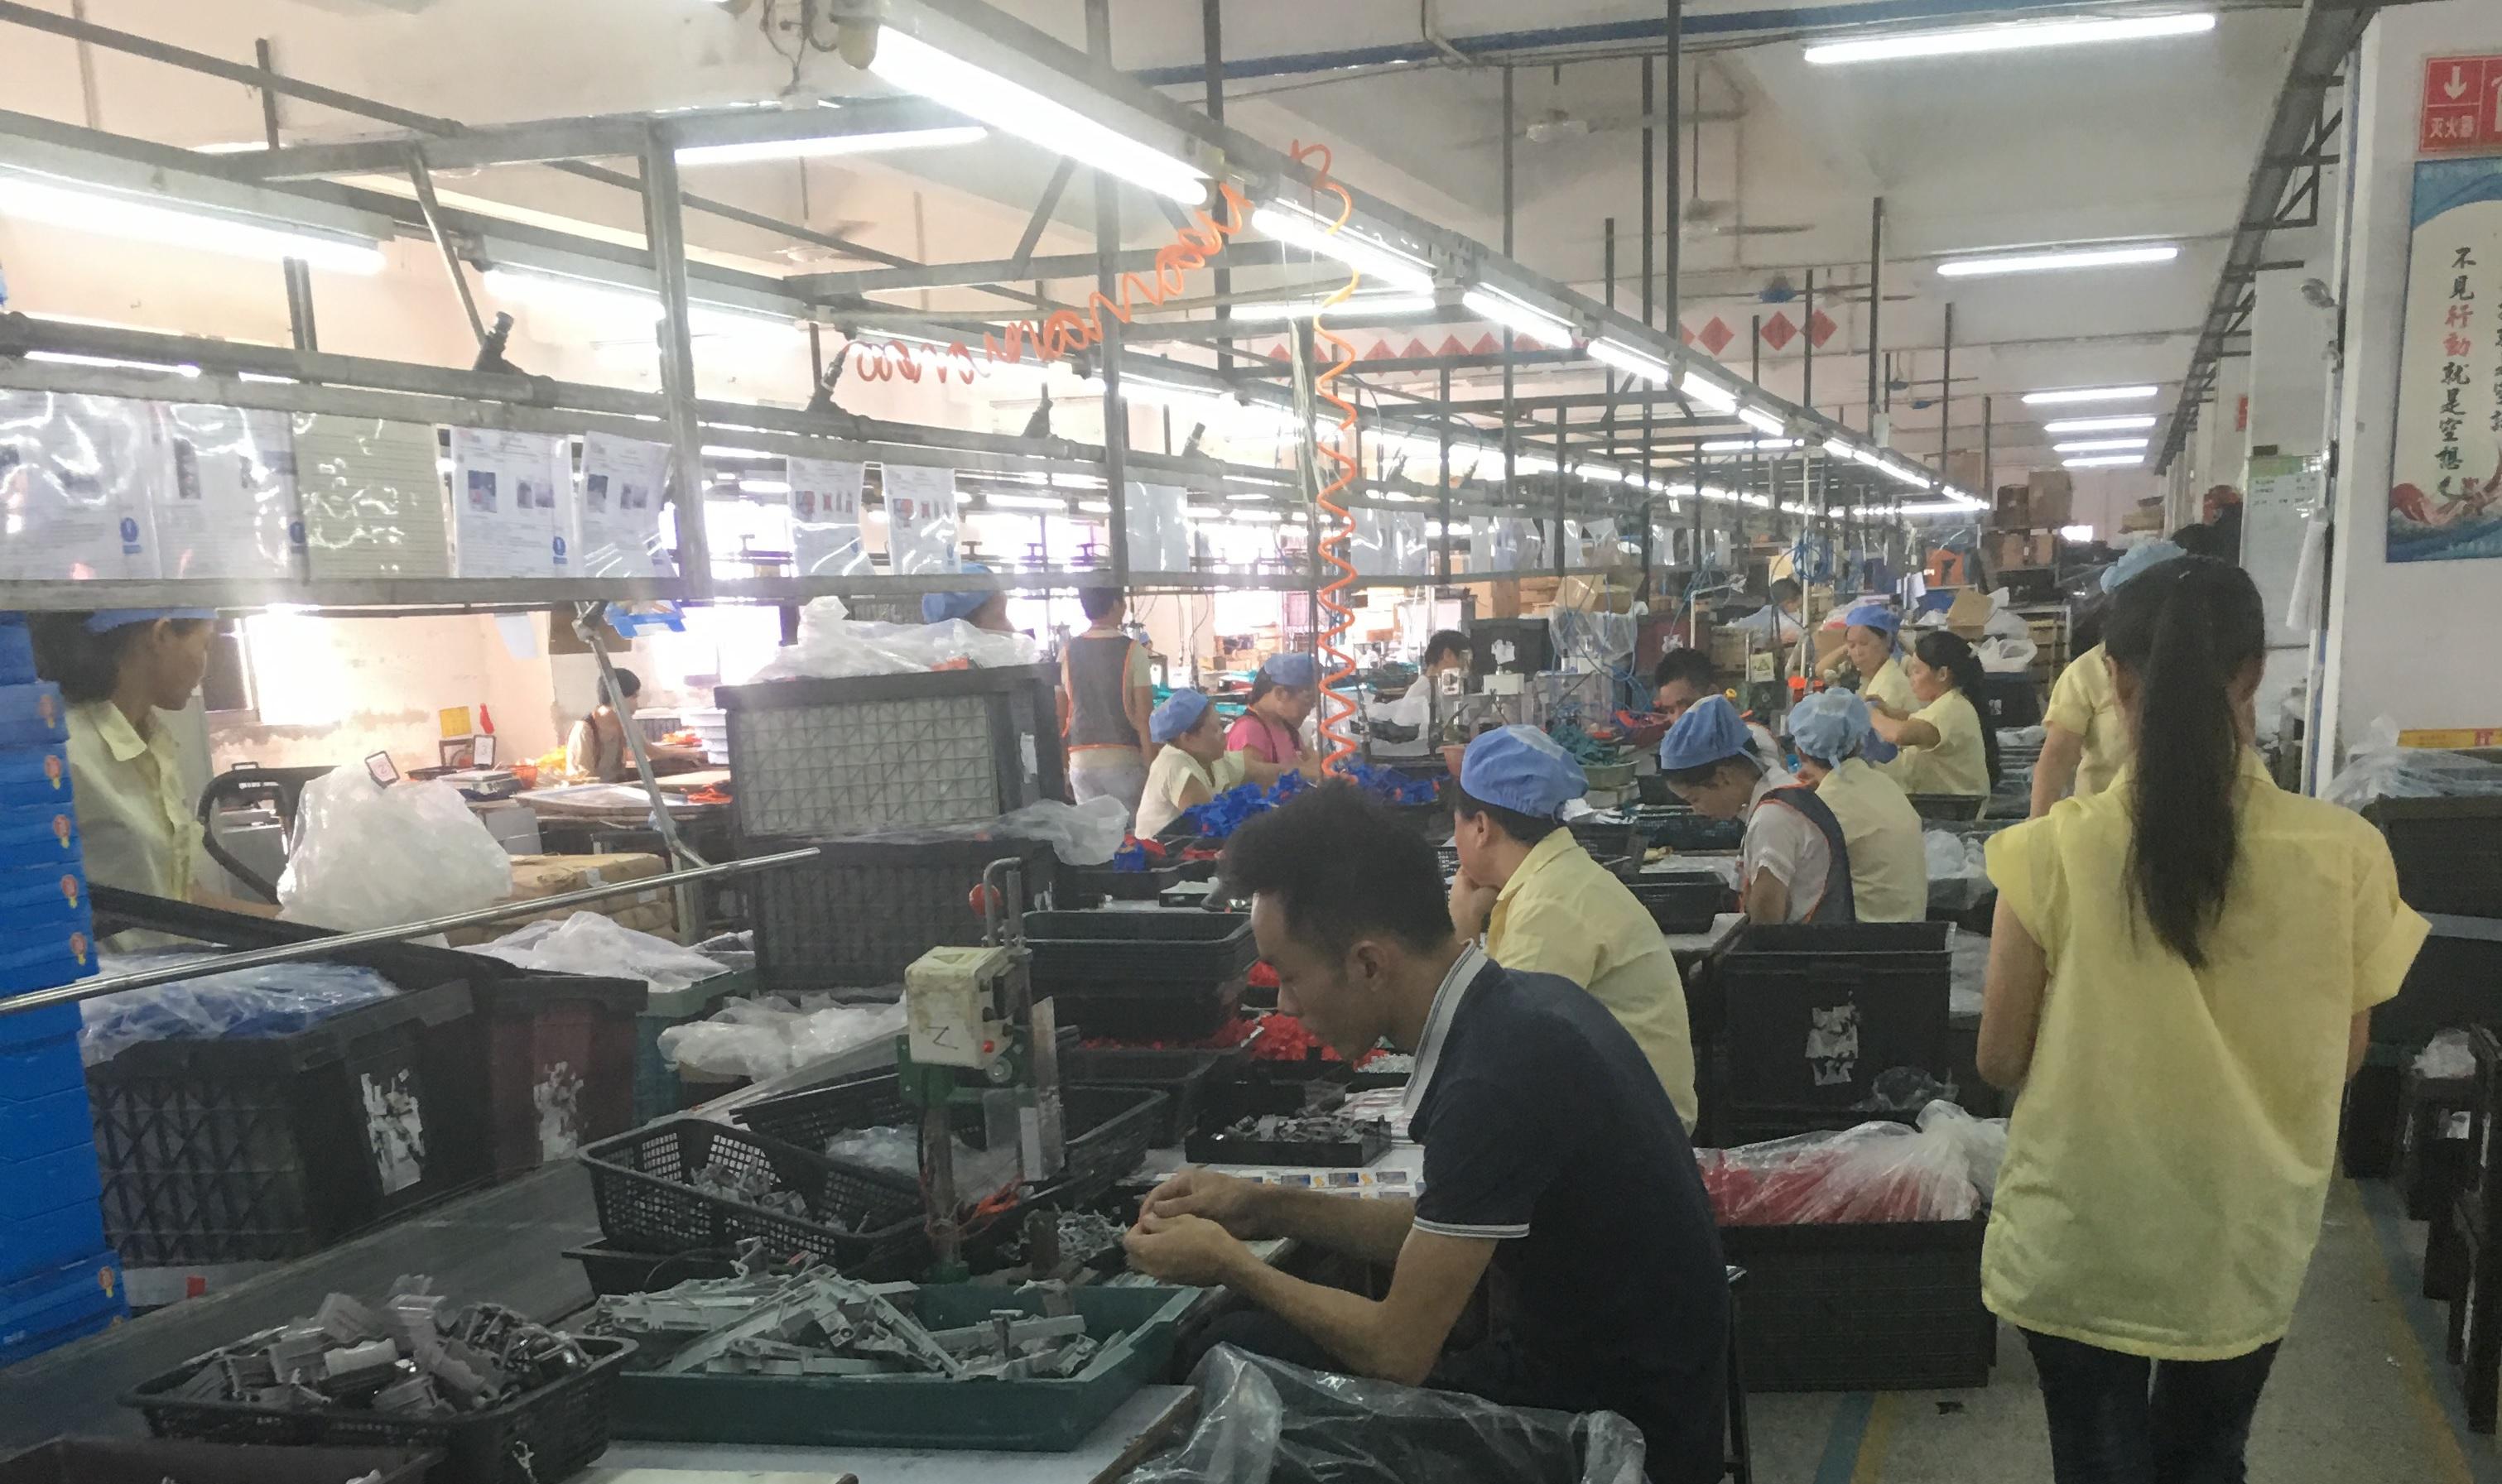 Chinesische Arbeiter*innen arbeiten an einer Produktionslinie für Spielzeugg